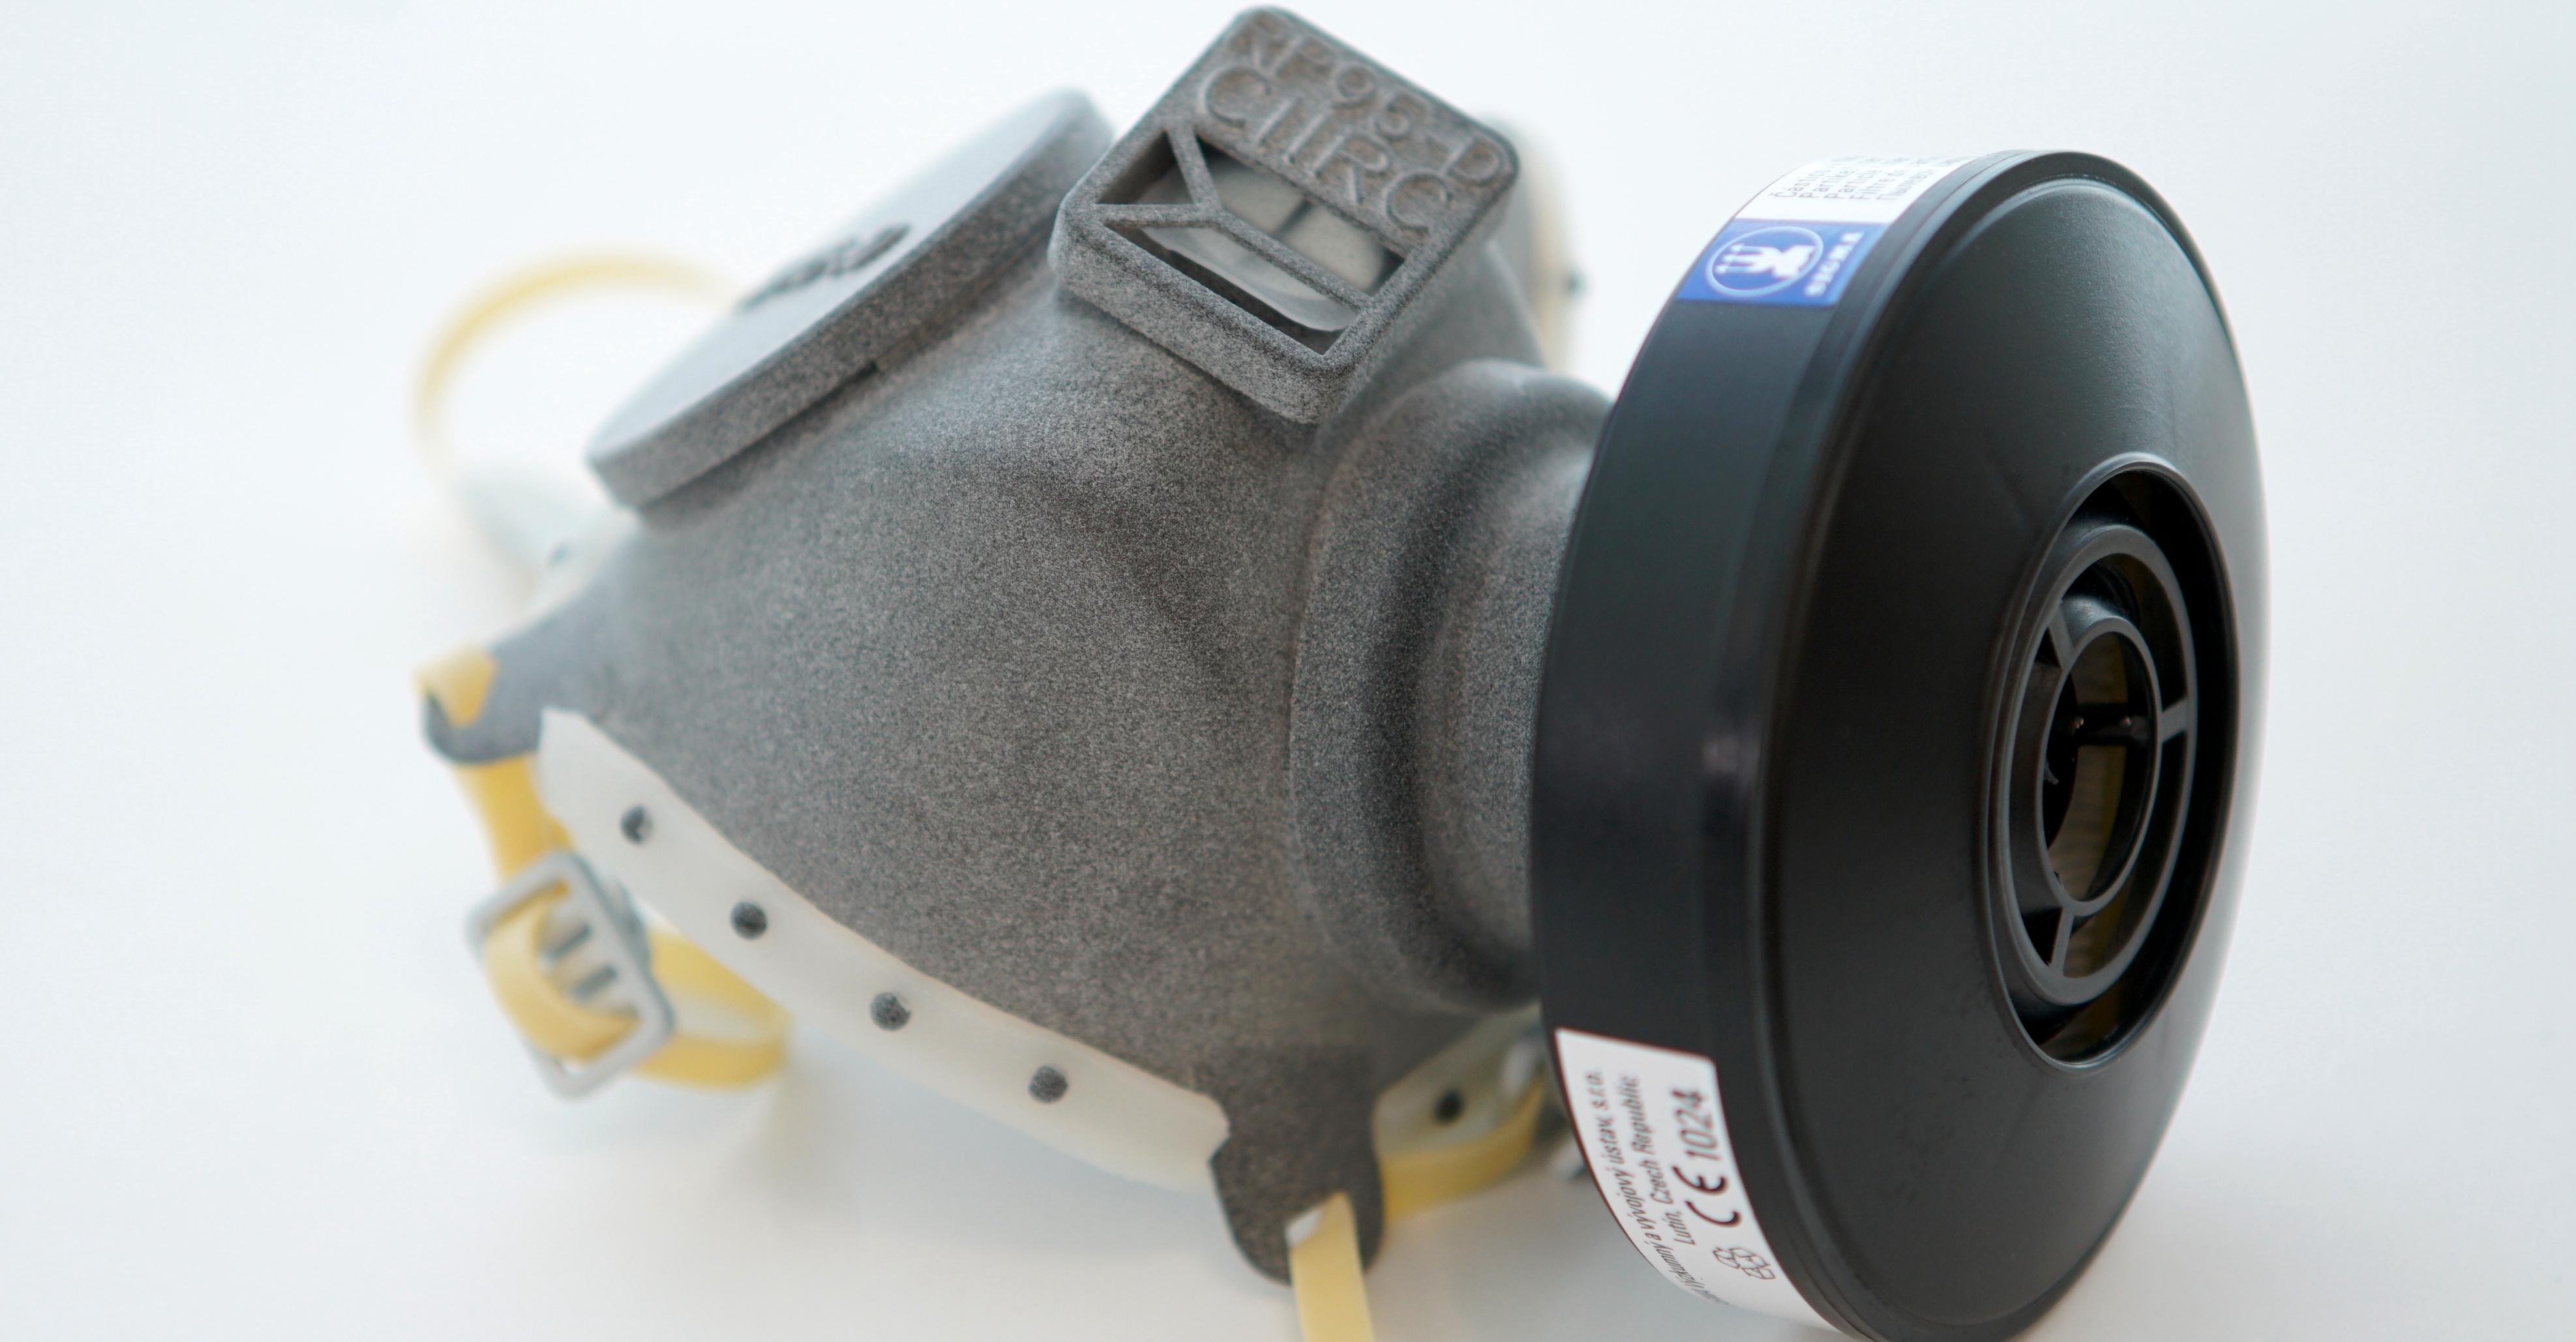 捷克利用3D打印技術制作口罩